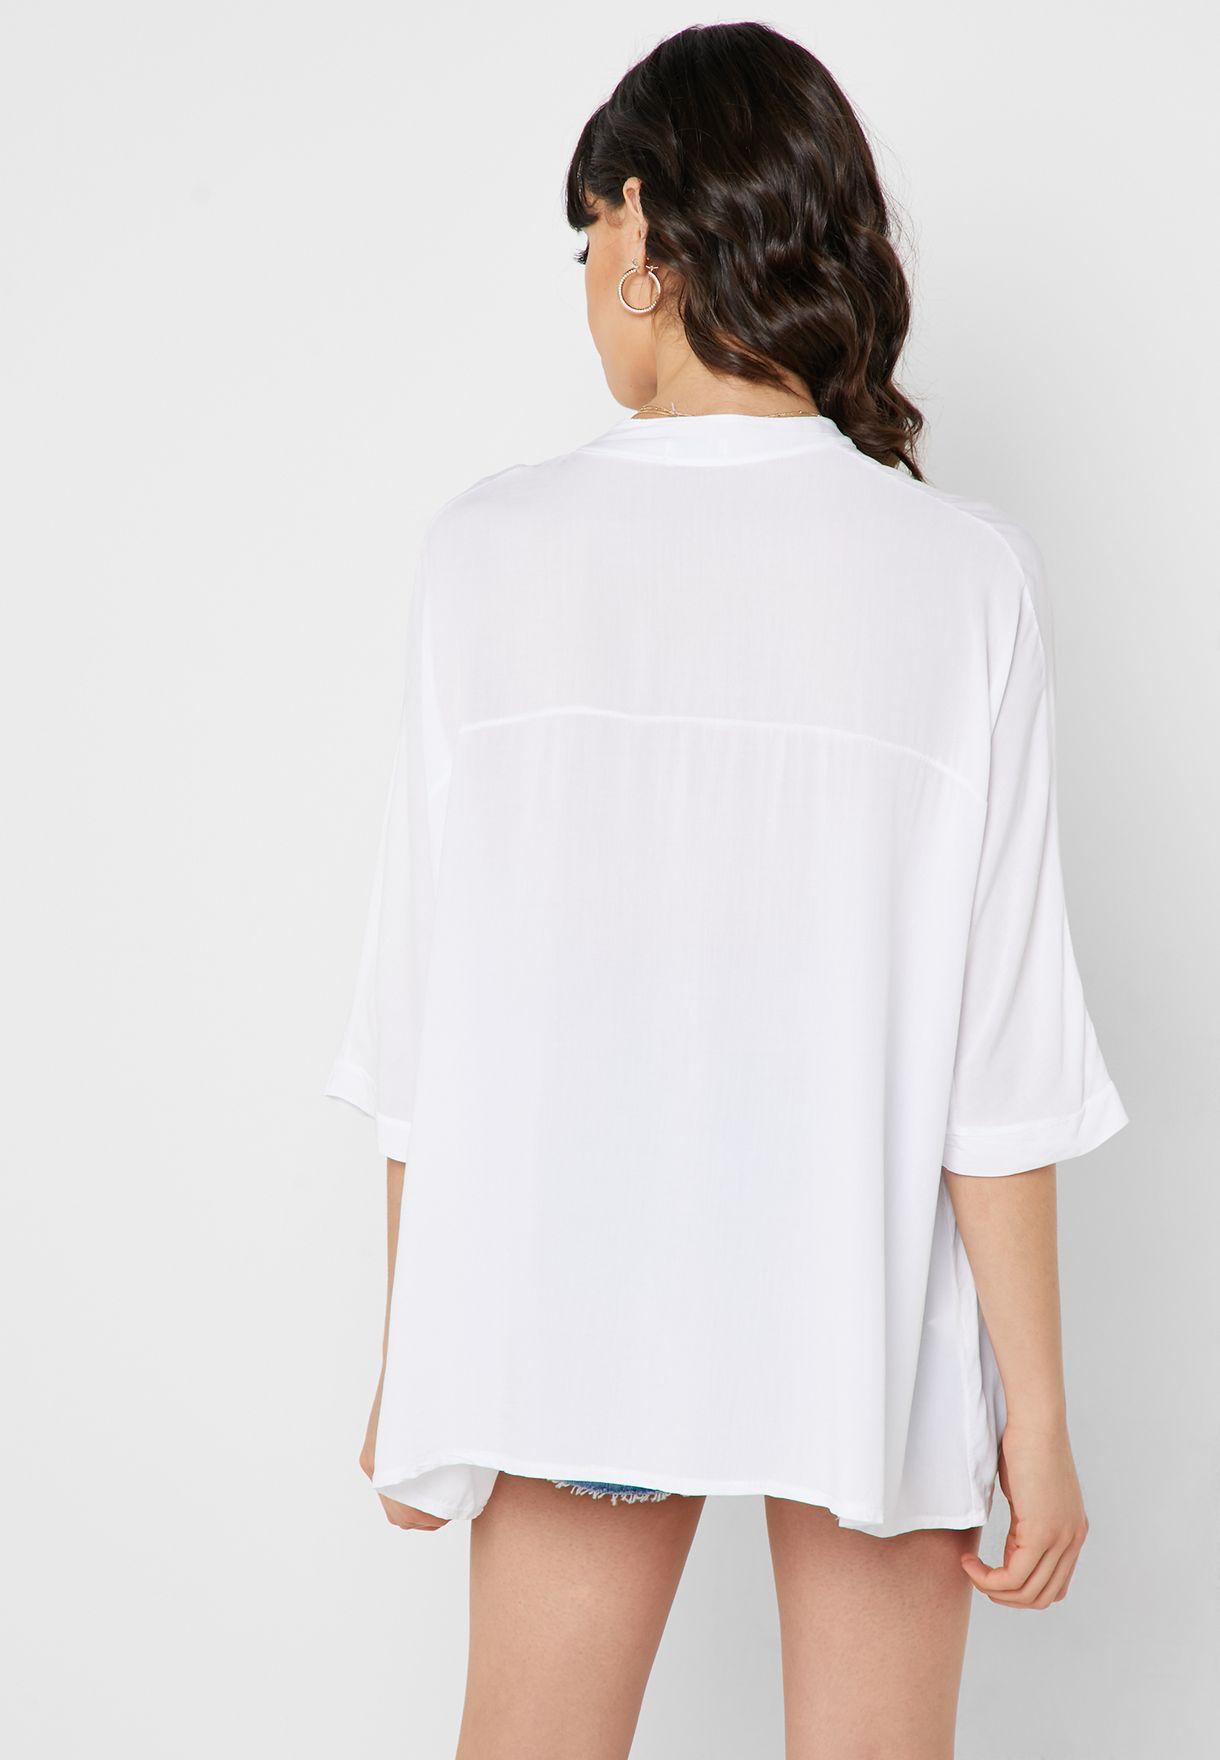 Oversized Placket Shirt